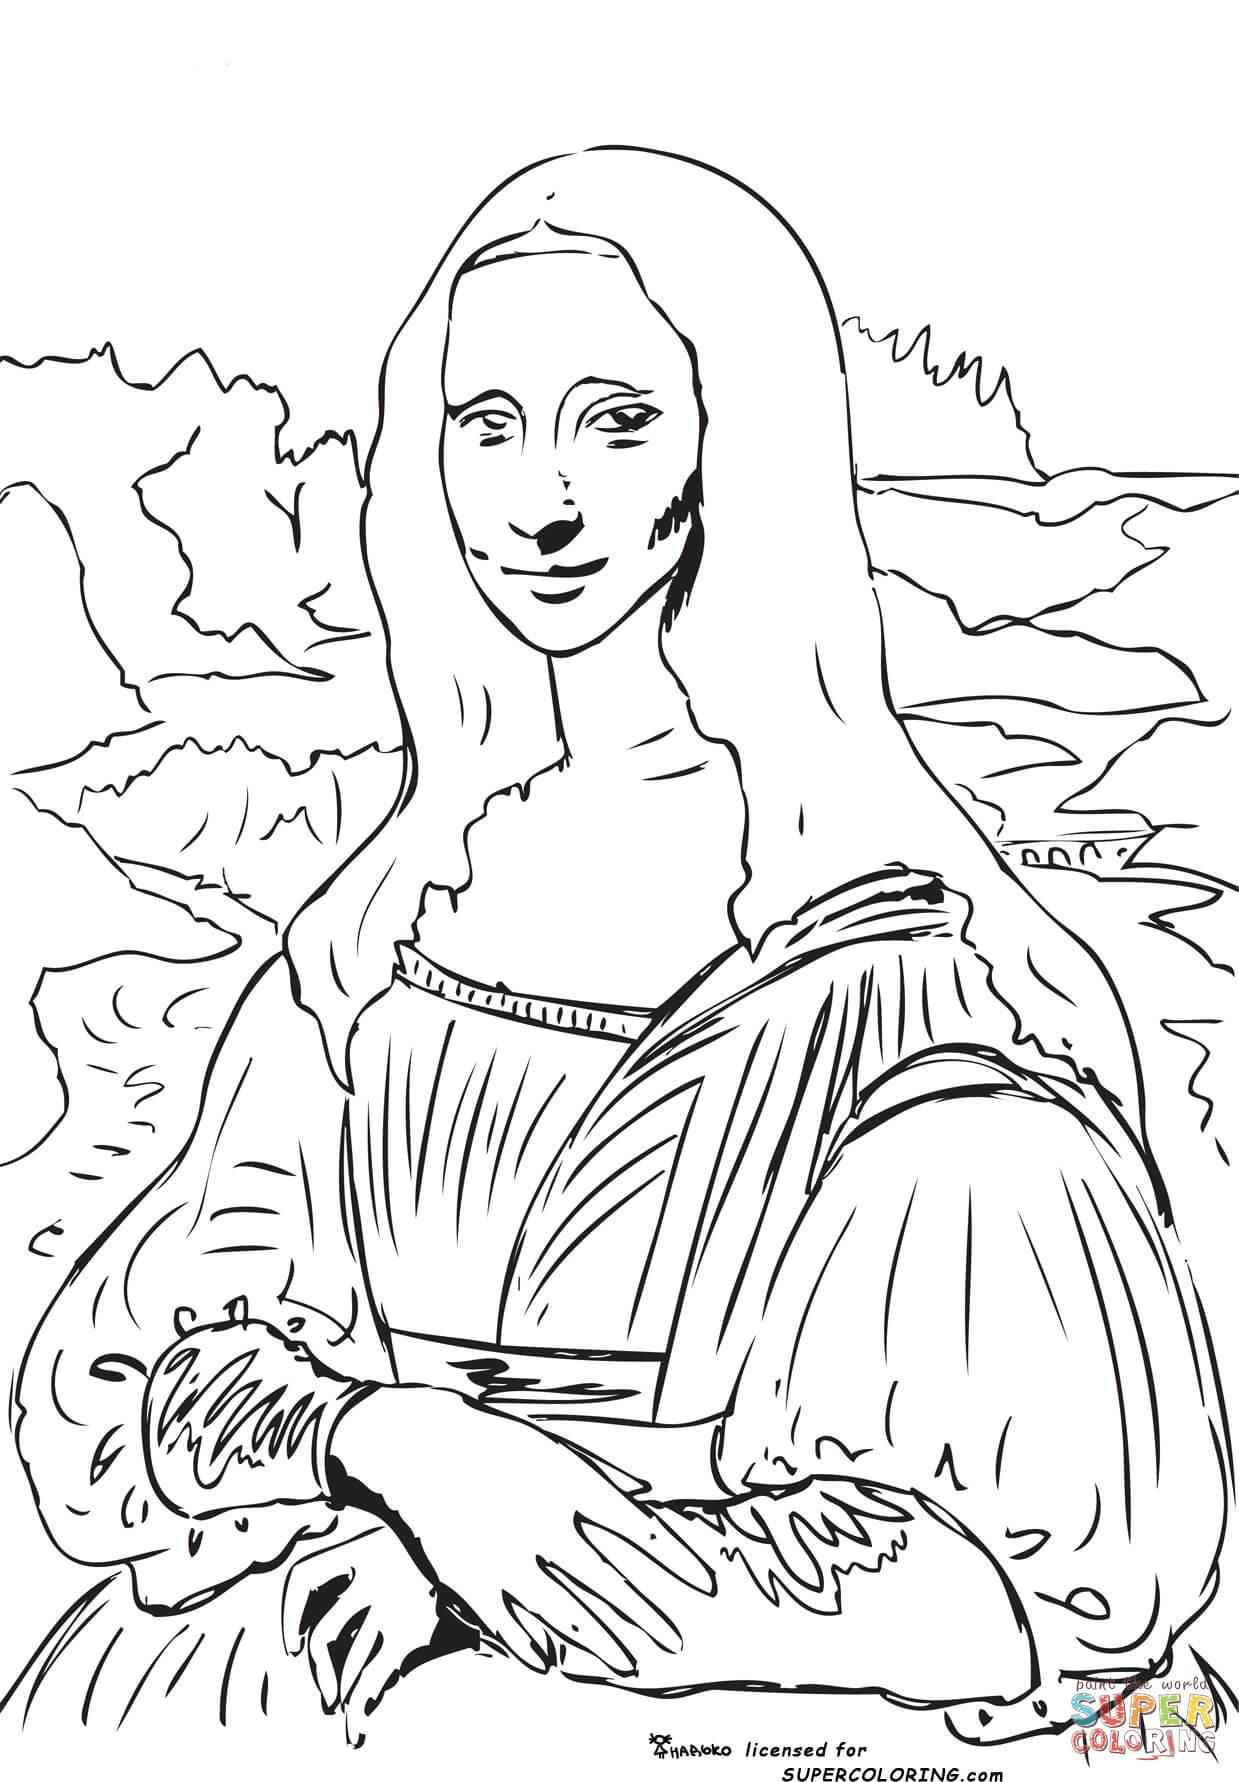 Leonardo Da Vinci The Last Supper Coloring Page Mona Lisa La Gioconda Leonardo Da Vinci Coloring Page Free